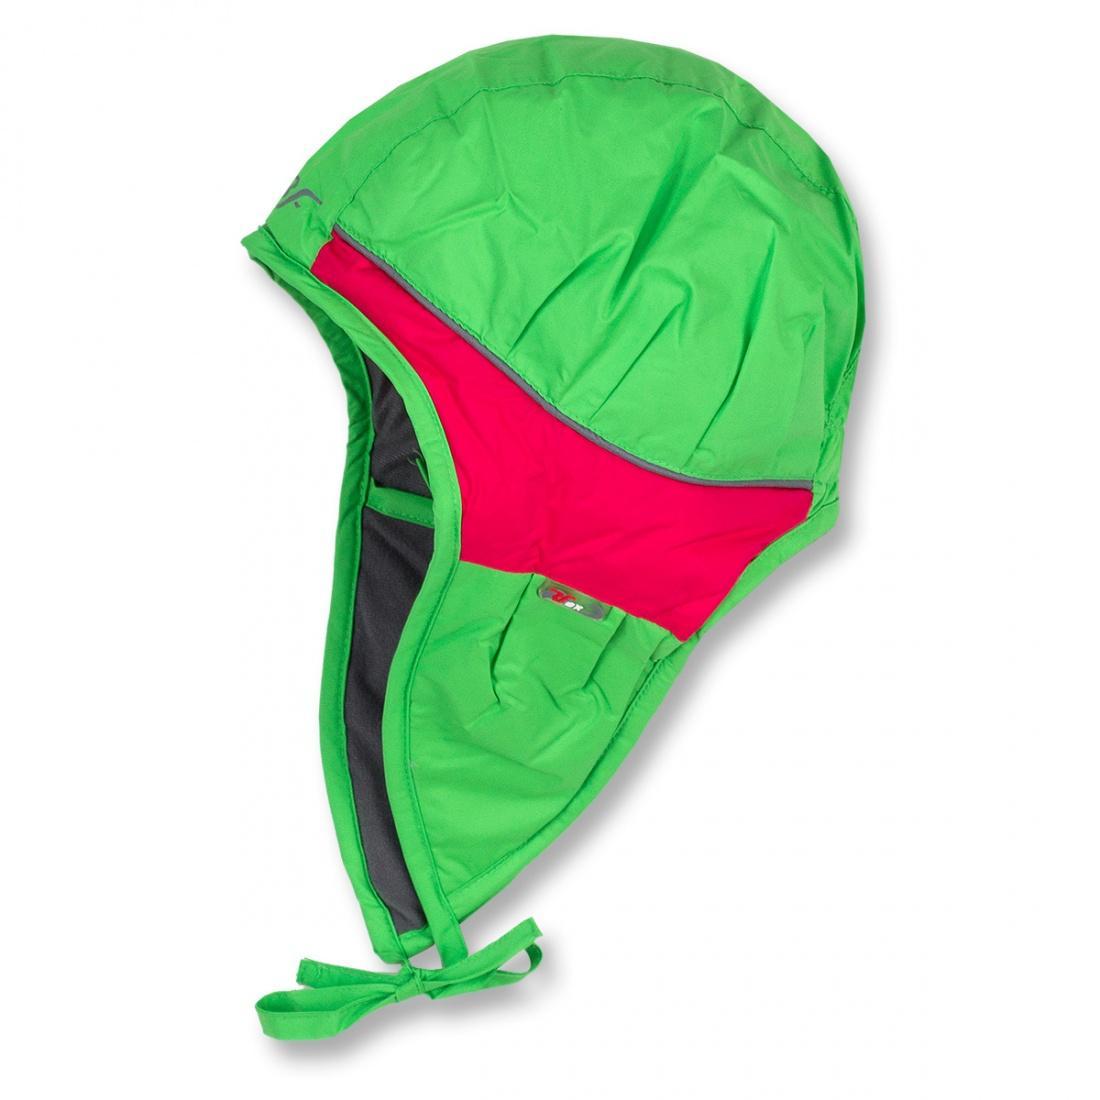 Шапка детская TressУшанки<br><br> Яркая контрастная шапочка прекрасно выделяет ребенка из толпы.<br><br> <br><br><br><br> Основной материал – Dry Factor 1000.<br><br> <br><br><br> Утеп...<br><br>Цвет: Розовый<br>Размер: M